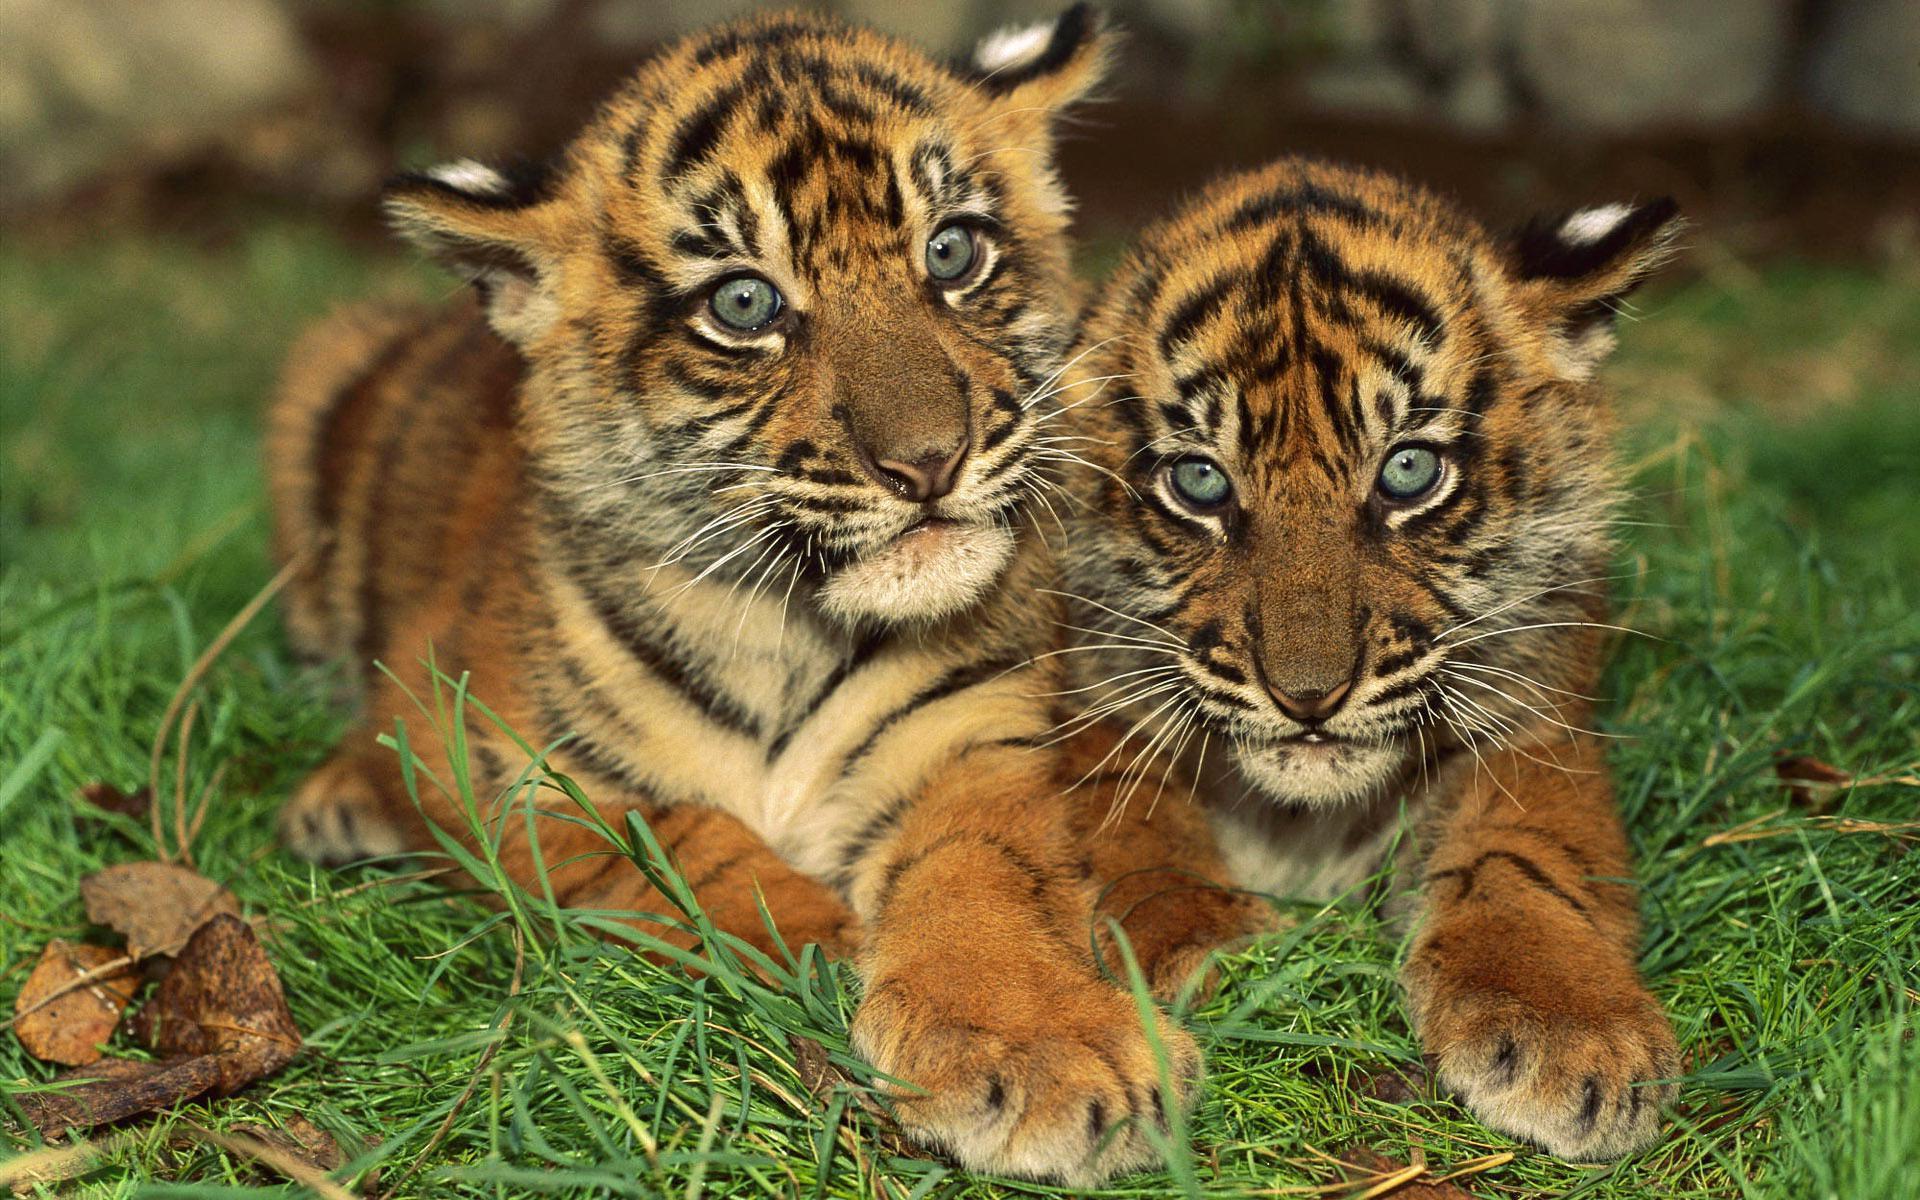 Wallpapers of Baby Tigers - WallpaperSafari